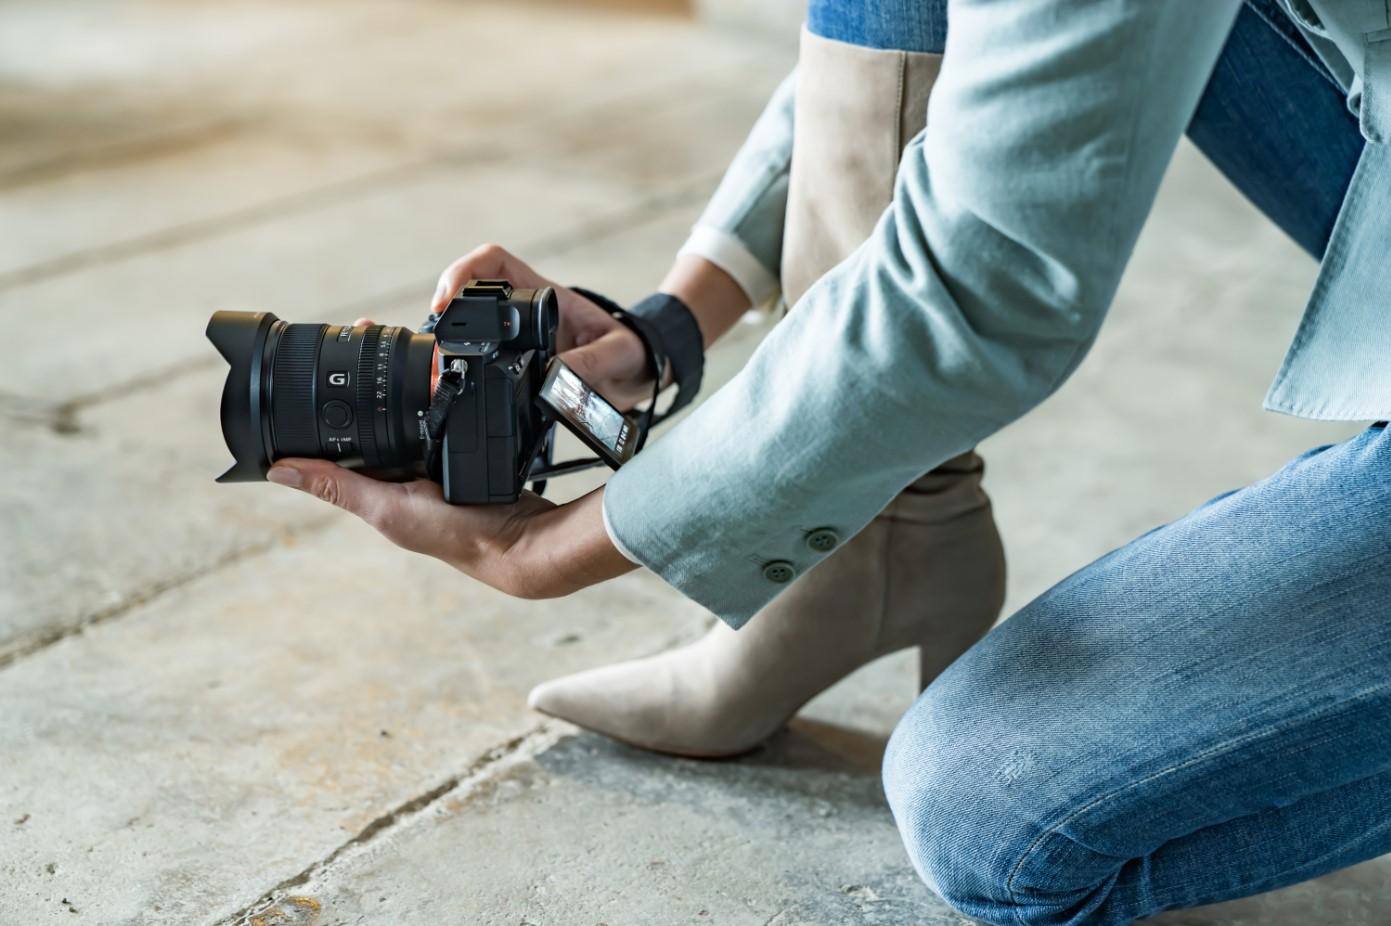 Seminario Inicial de manejo de Alpha: Despeja tus dudas y descubre que puedes hacer con tu cámara!